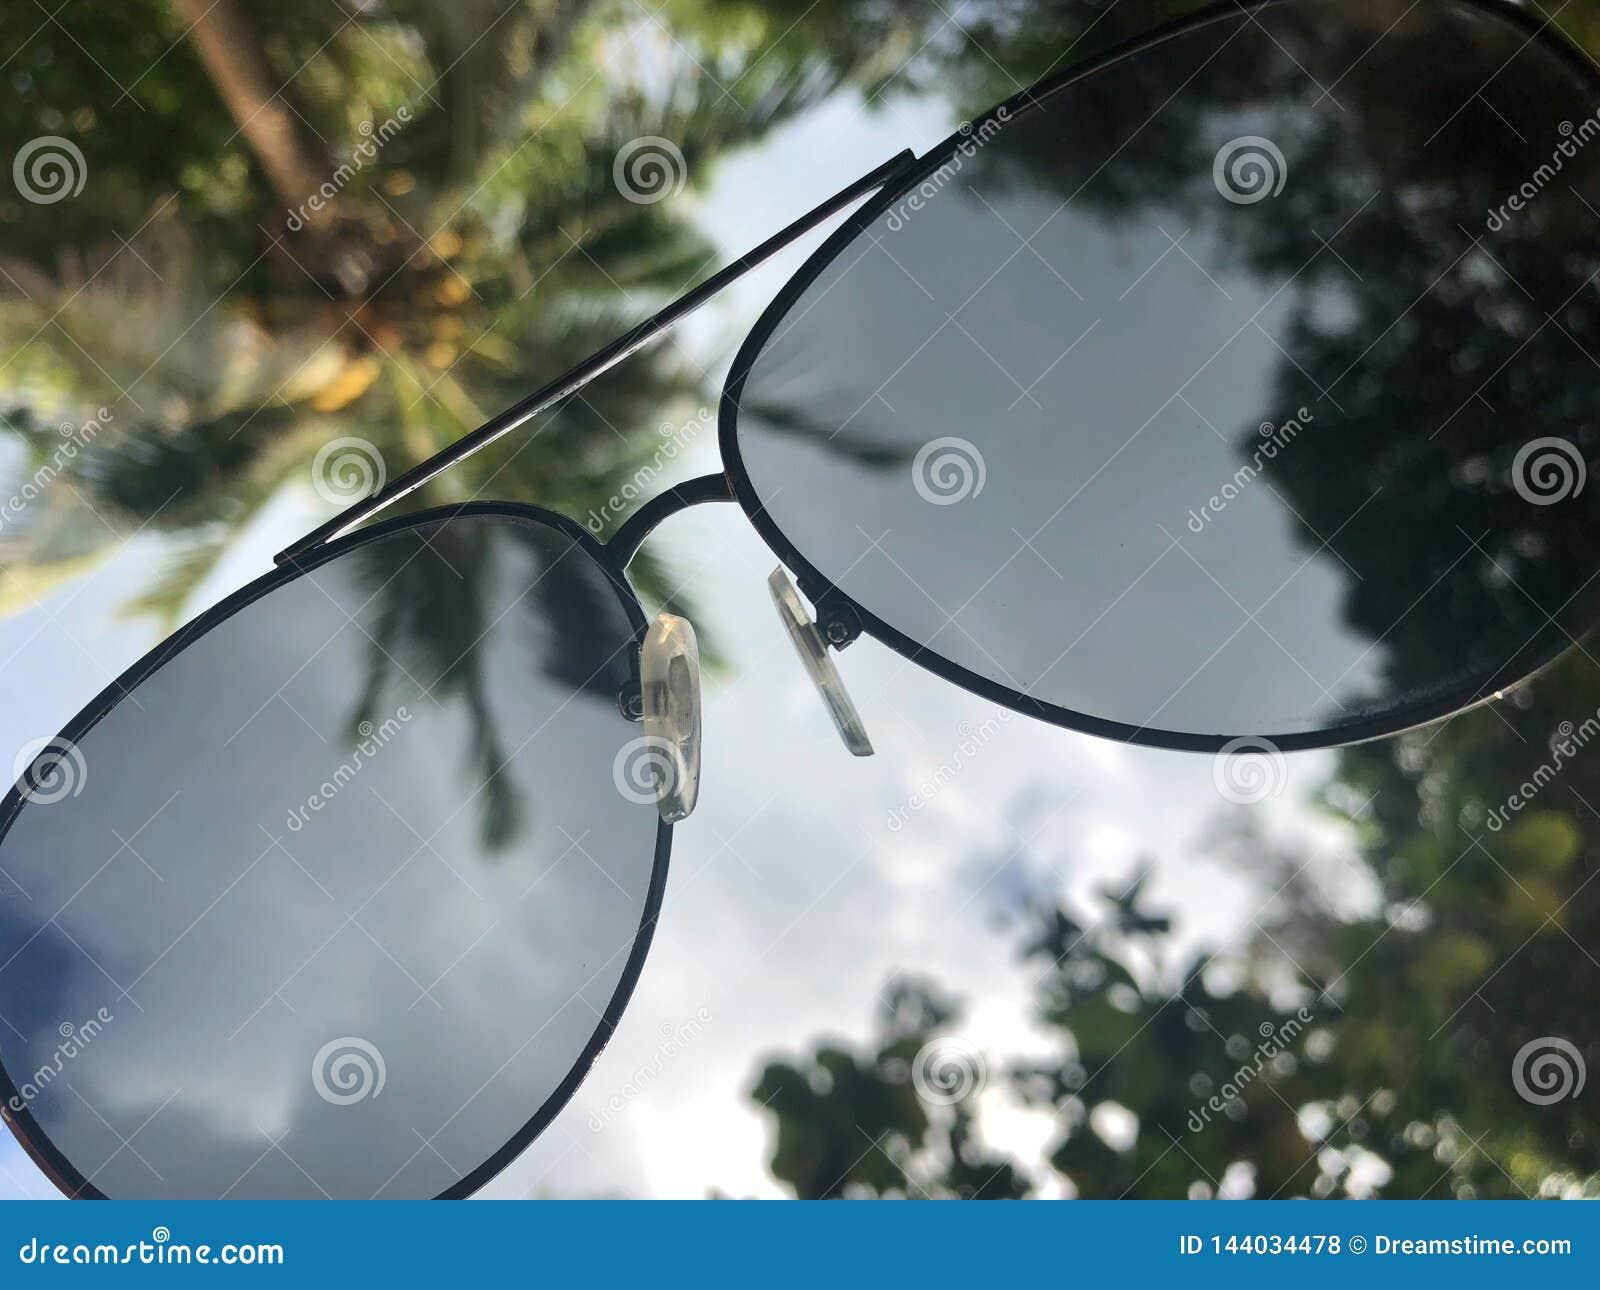 看法通过对南部的天空和棕榈树的太阳镜,感觉休闲